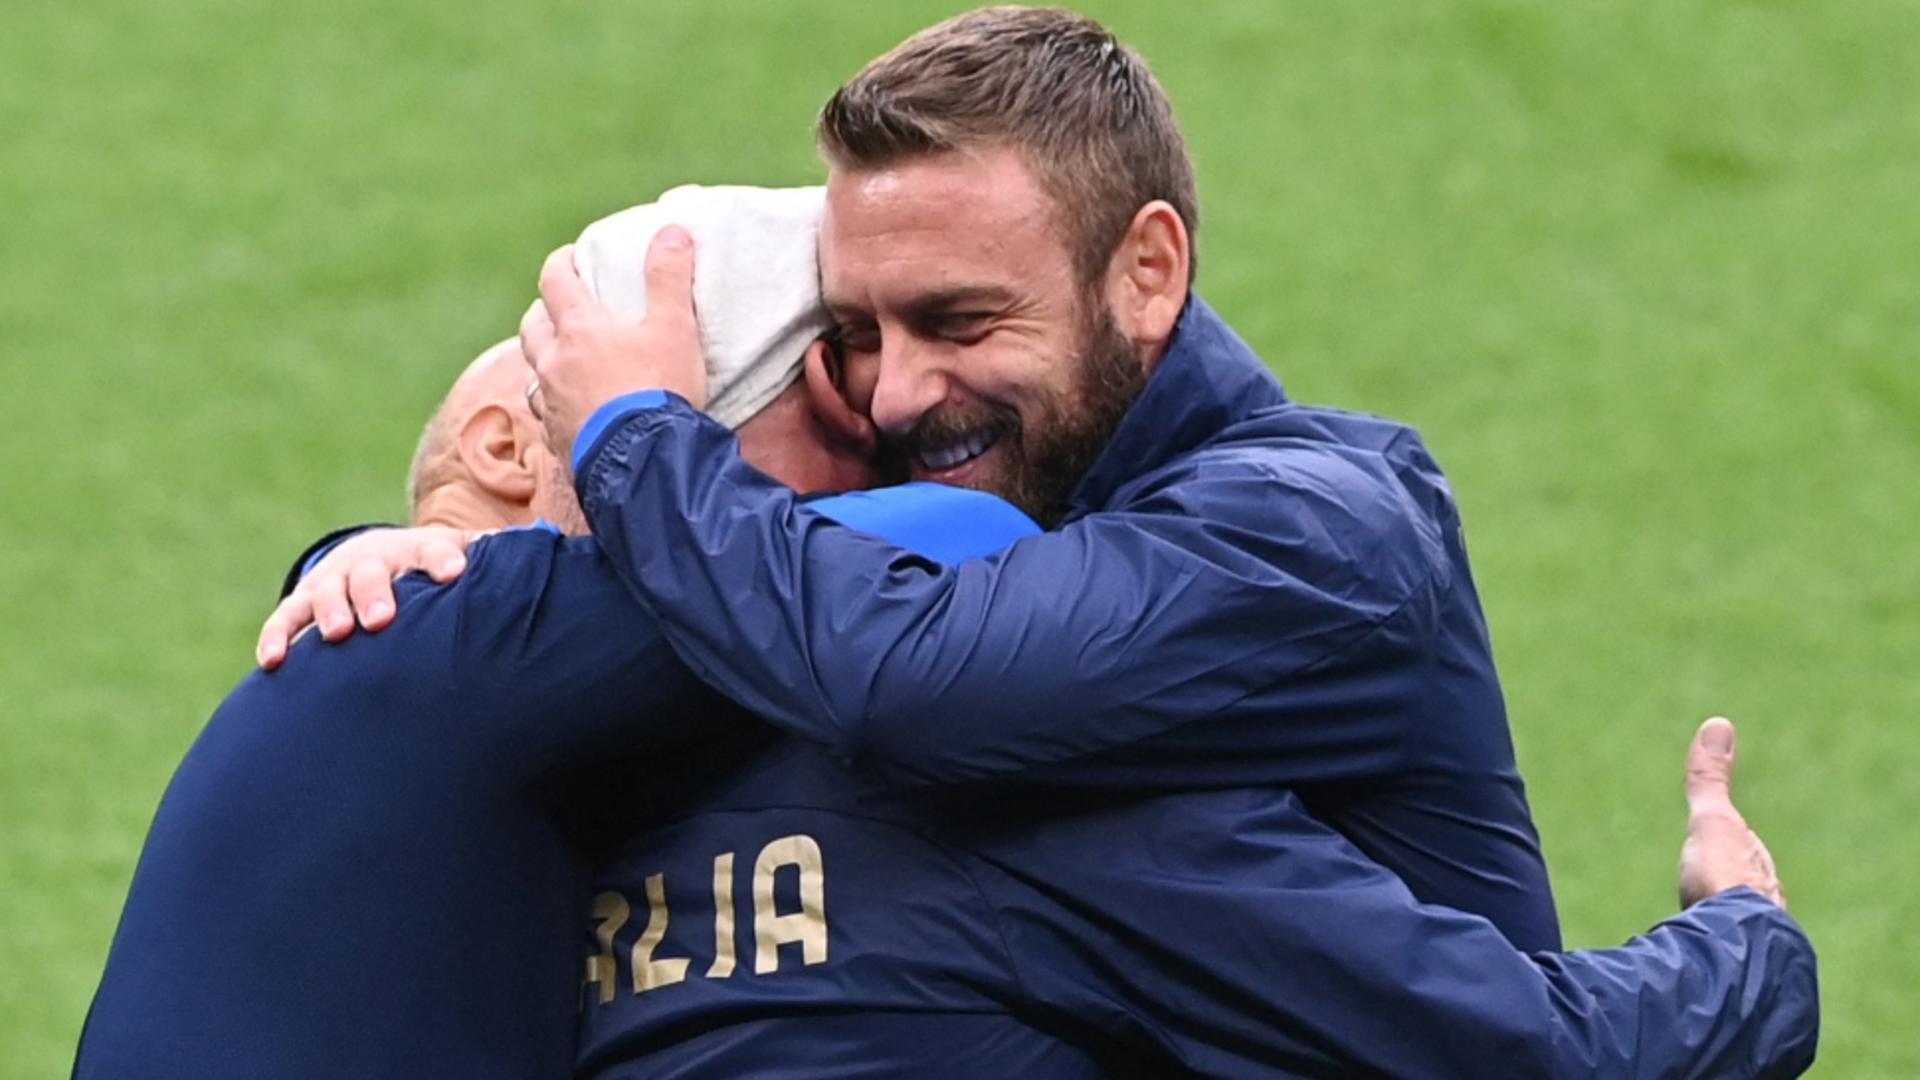 Bucurie italiană după cucerirea trofeului Euro 2020